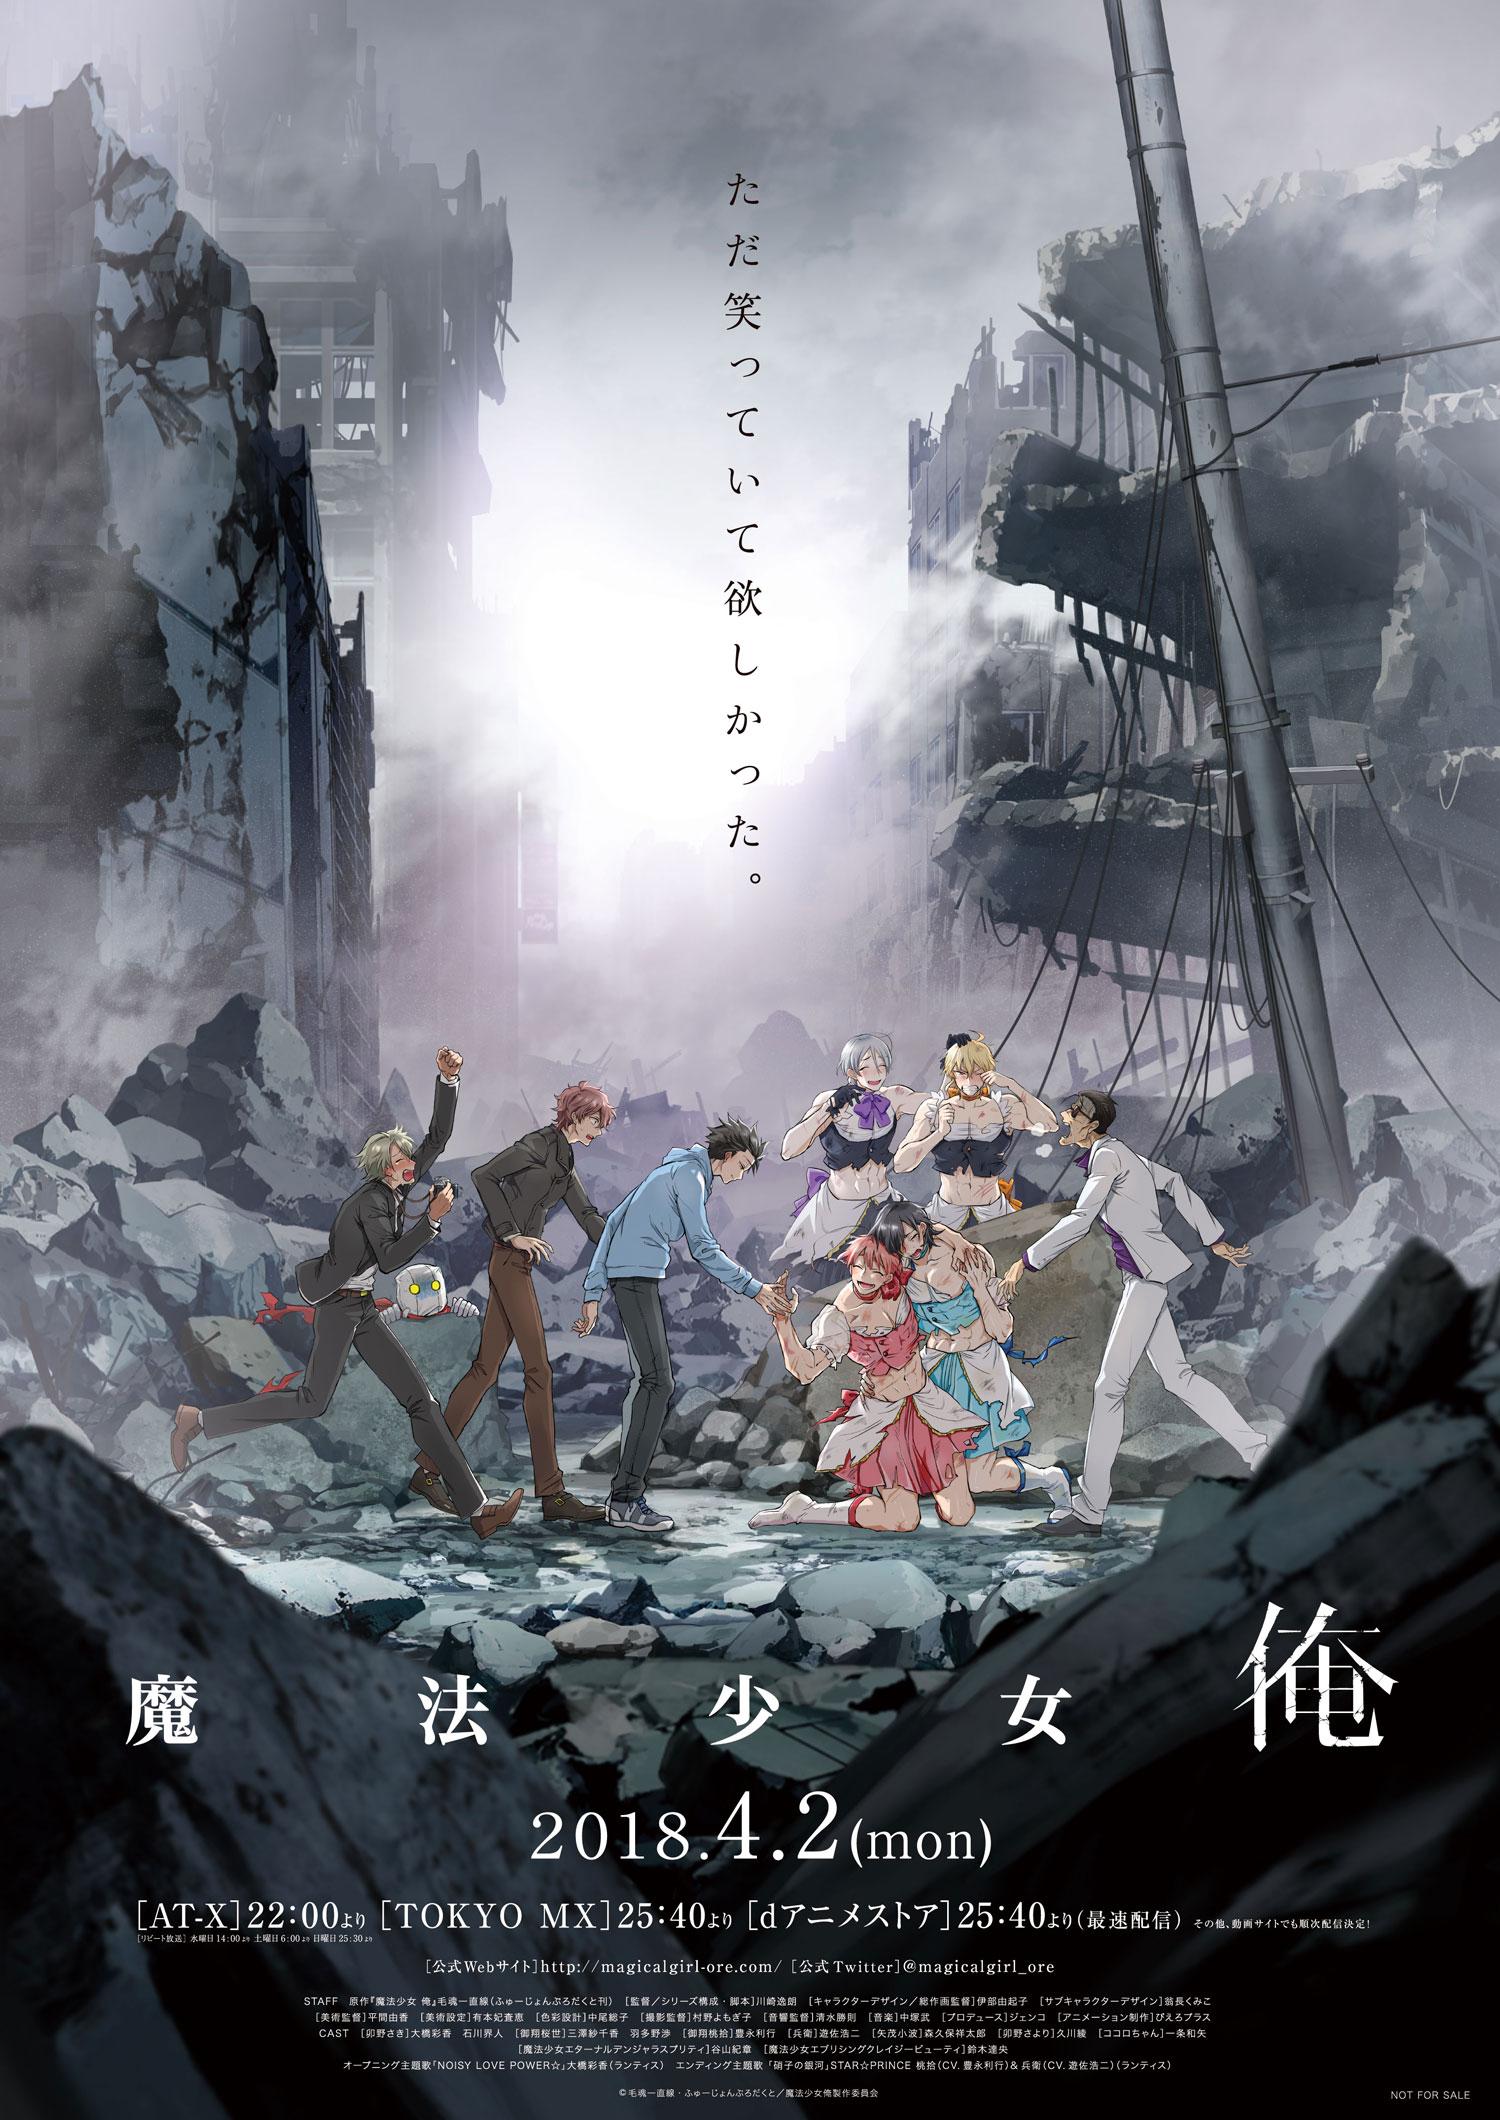 Mahou-Shoujo-Ore-guia de animes da temporada abril primavera 2018